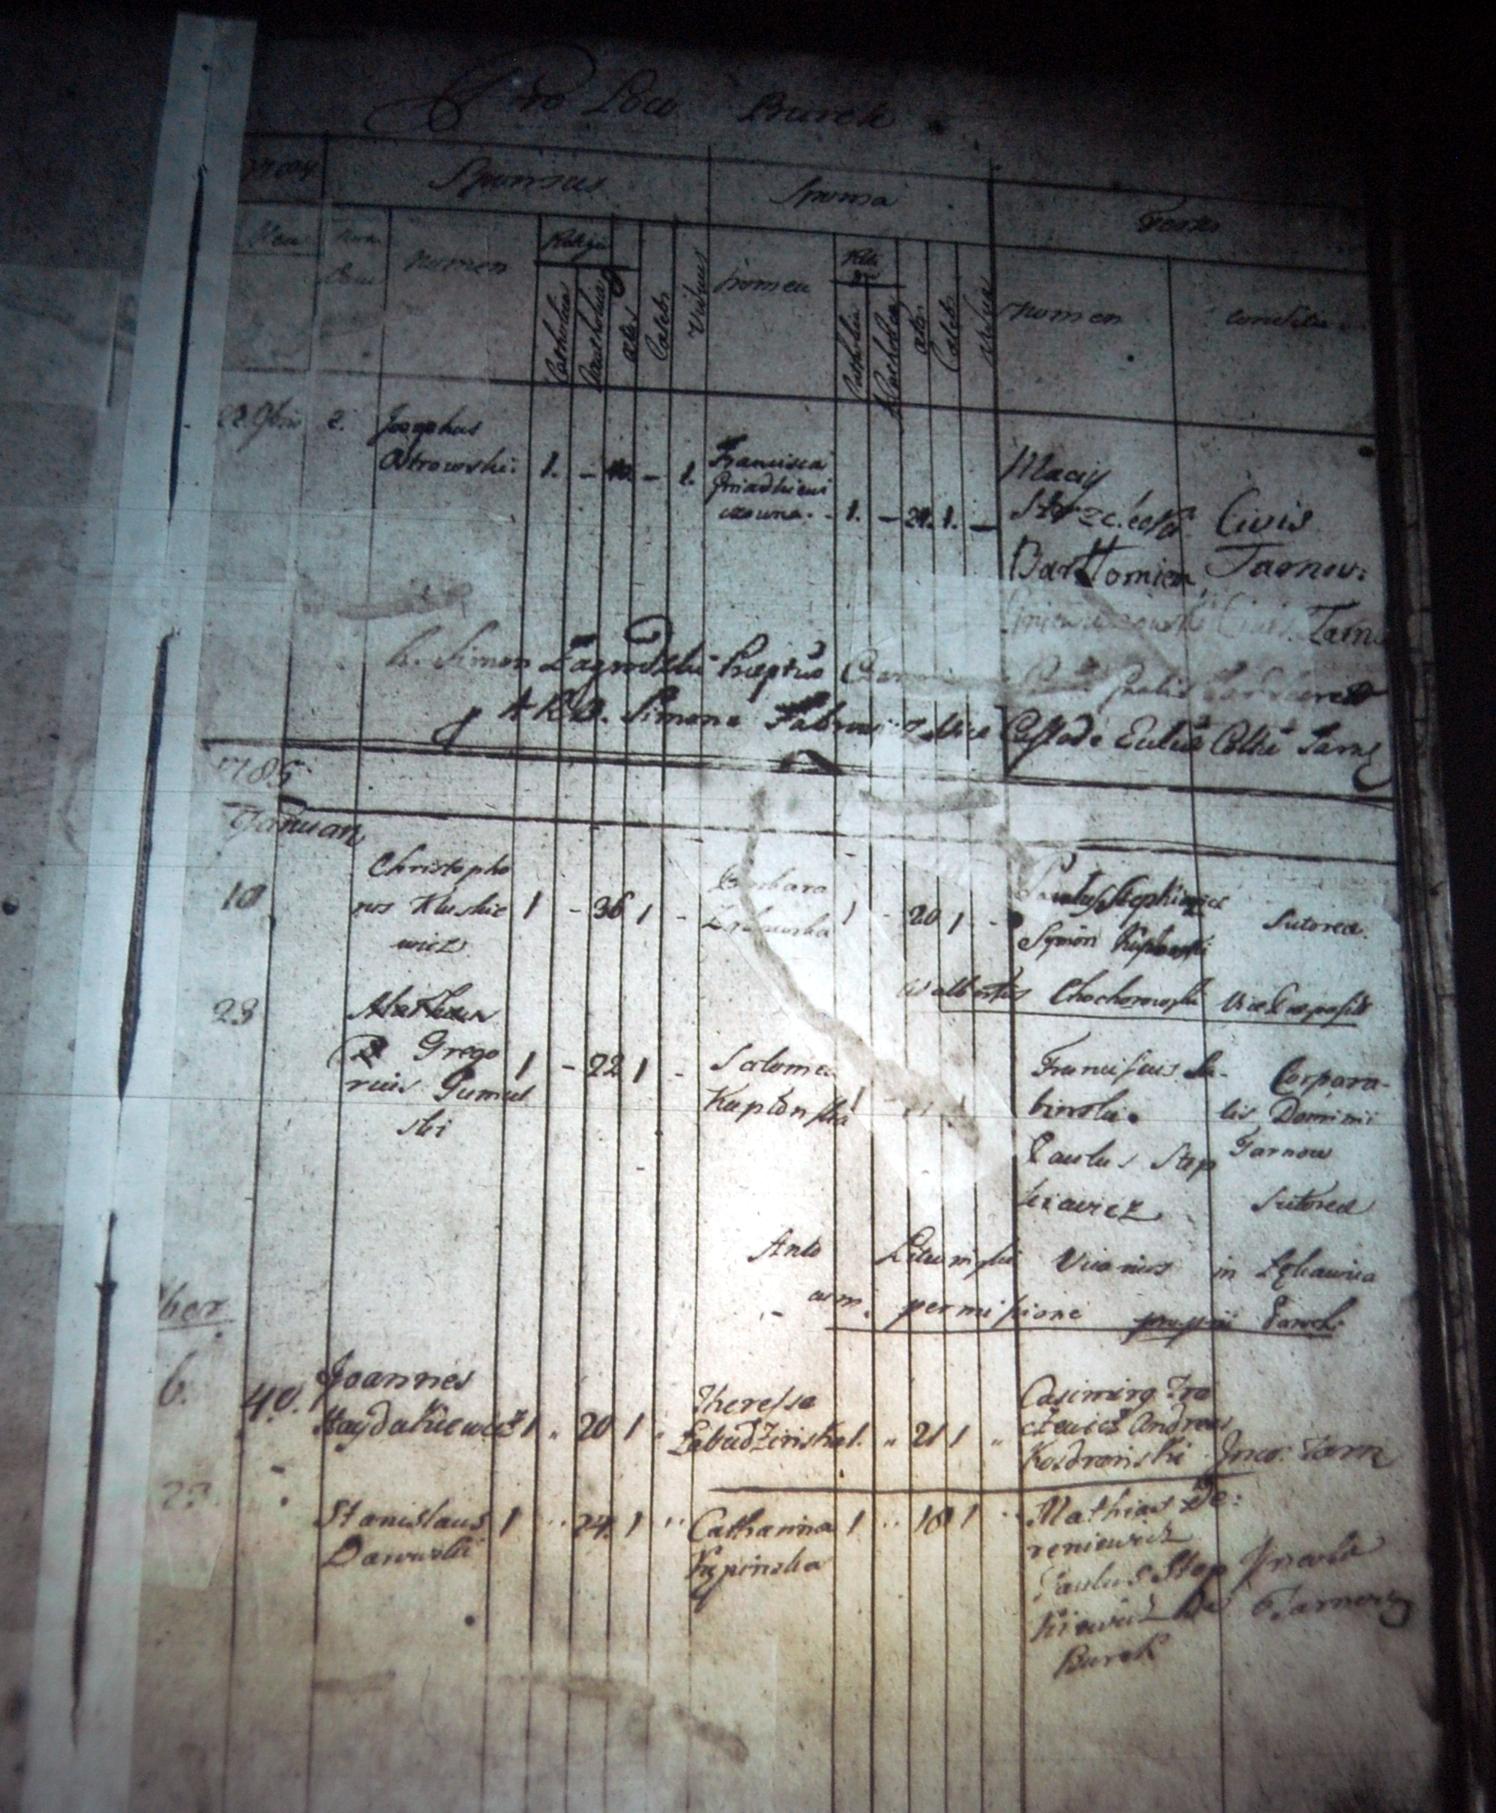 Akt małżeństwa Darowski-Kępińska, Tarnów 1785